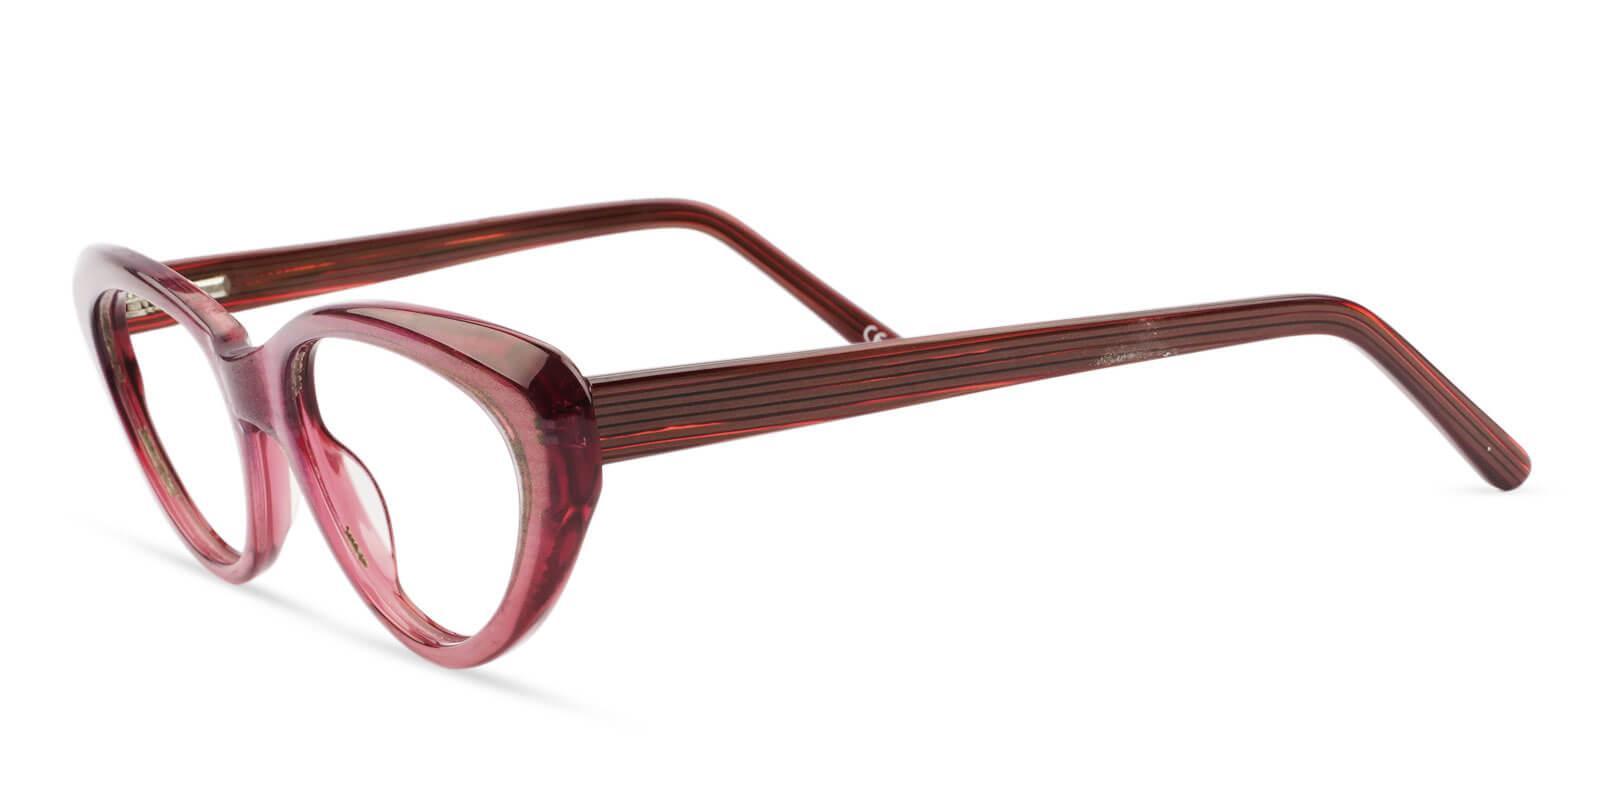 Irene Red Acetate Eyeglasses , SpringHinges , UniversalBridgeFit Frames from ABBE Glasses